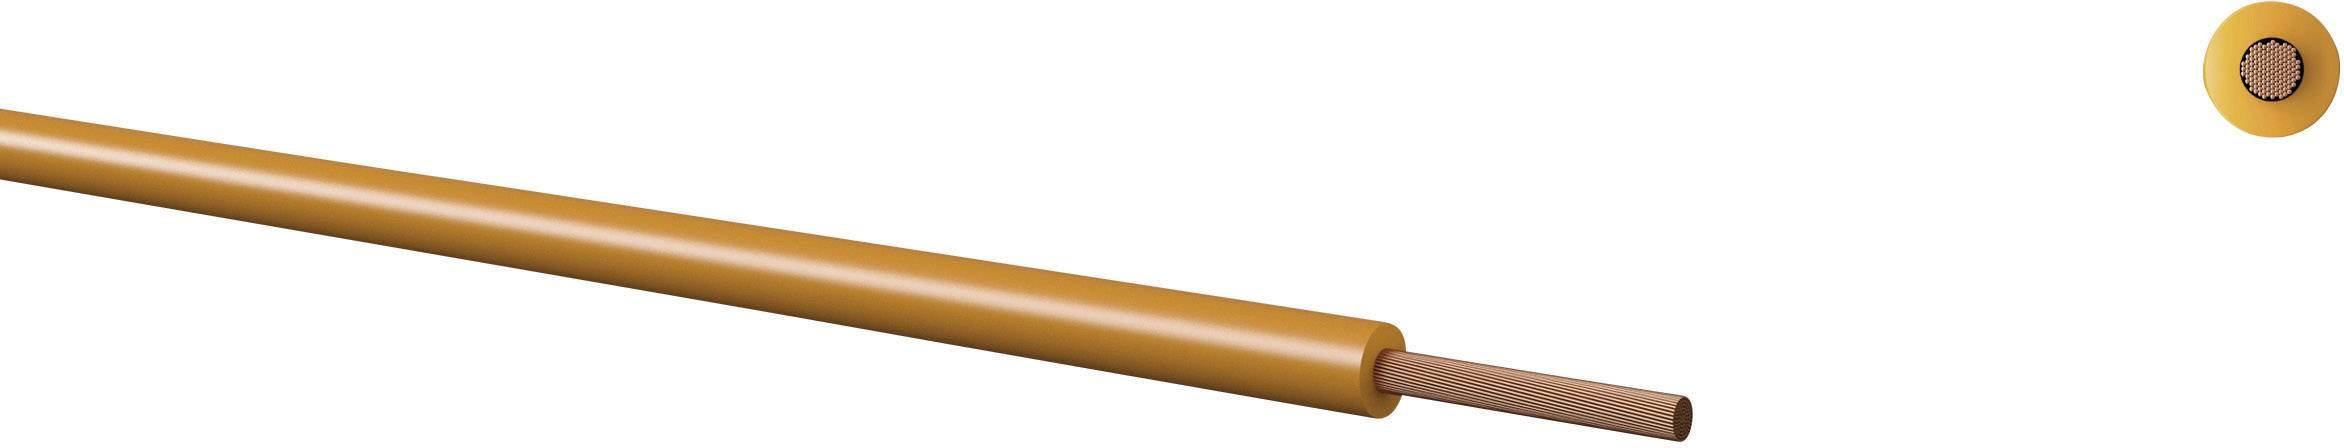 Opletenie / lanko Kabeltronik 160105007 LiFY, 1 x 0.50 mm², vonkajší Ø 2 mm, metrový tovar, modrá